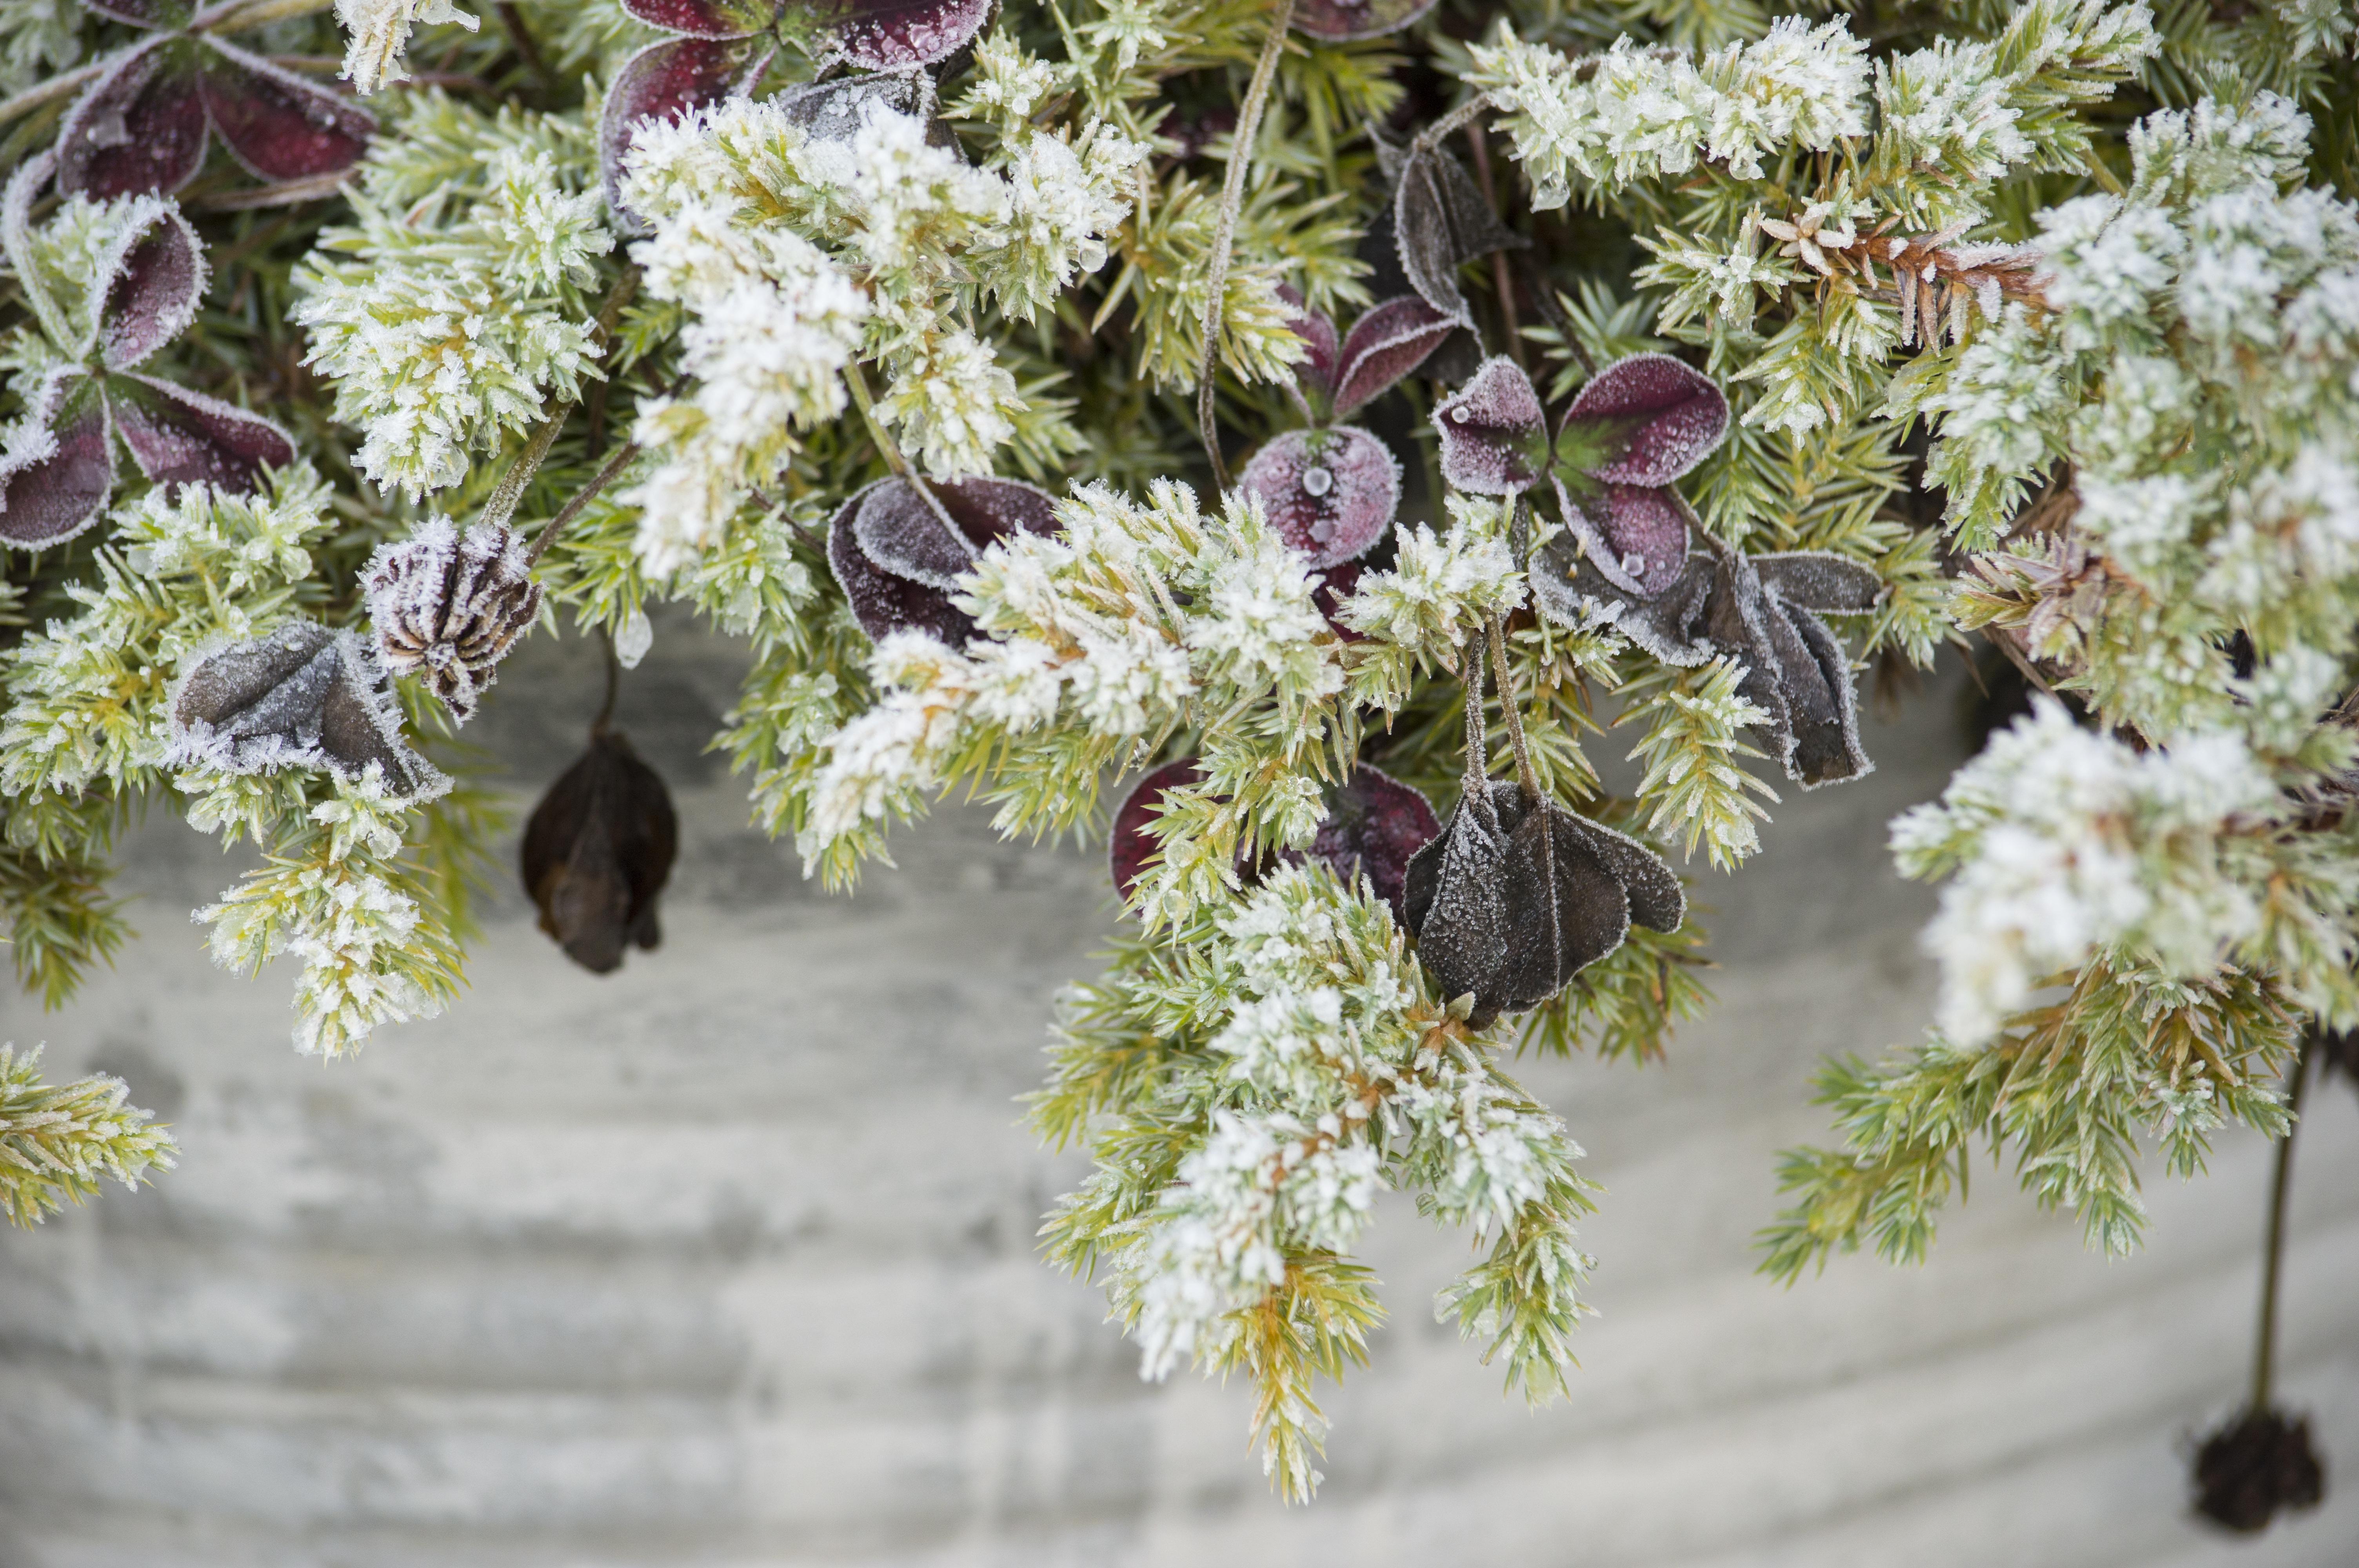 kostenlose foto : baum, ast, blühen, blatt, blume, frost, pot, Gartengerate ideen